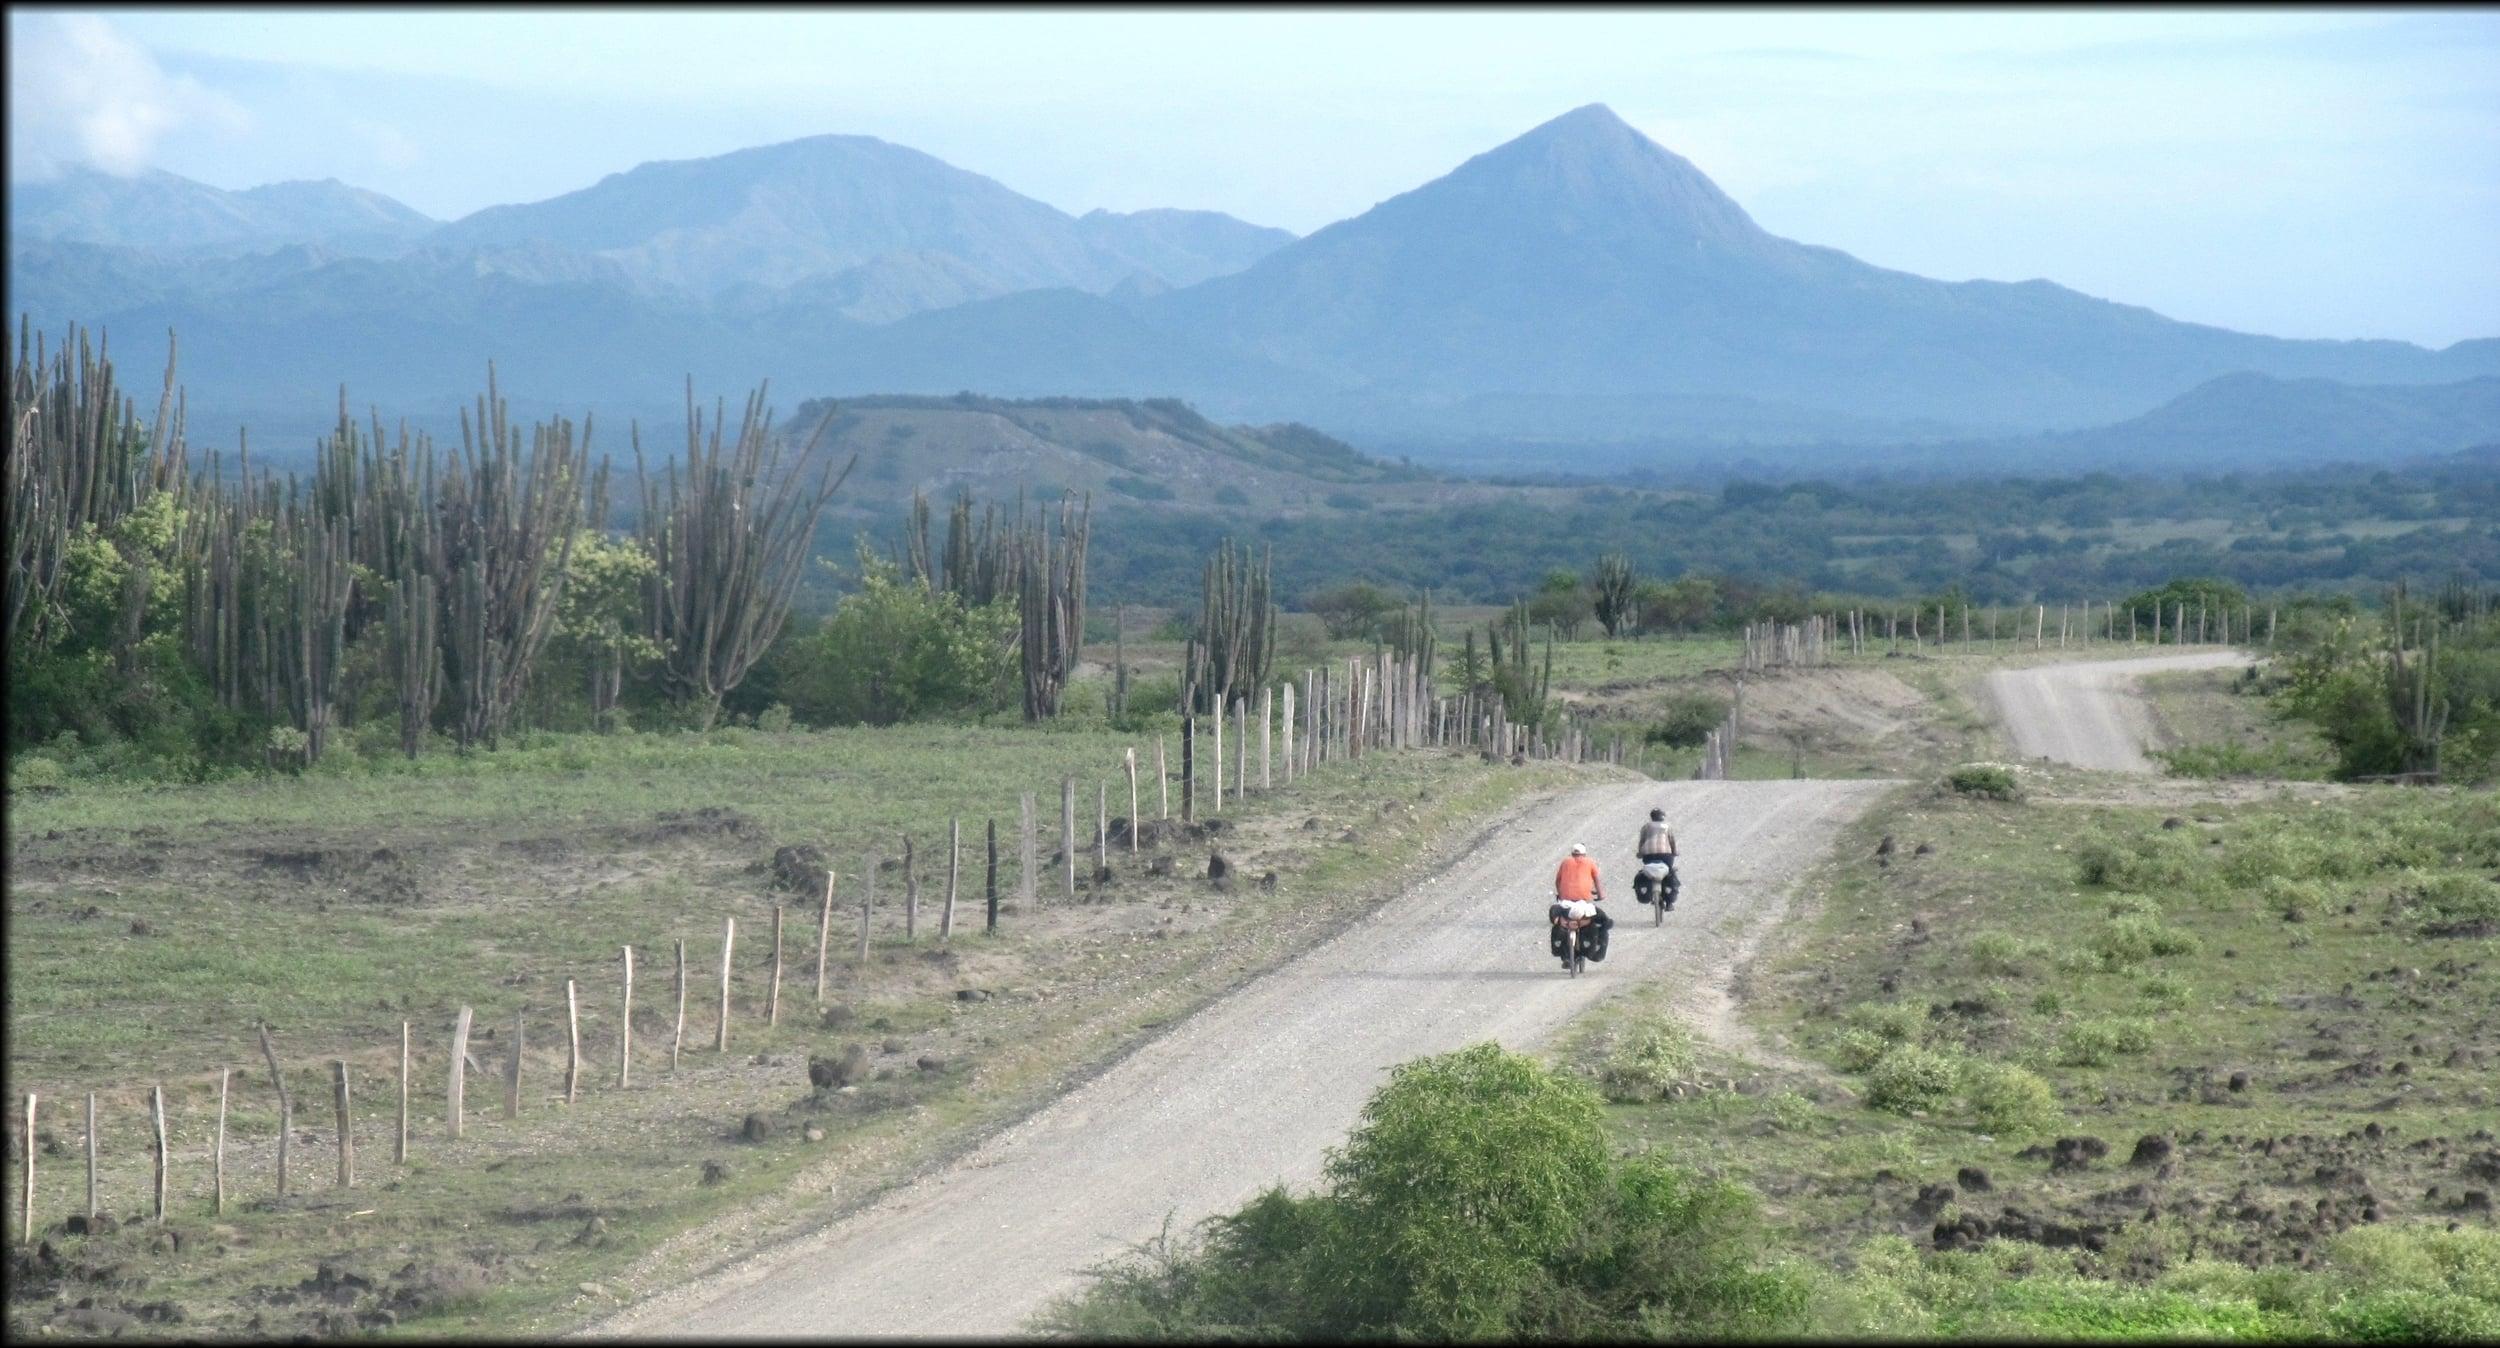 Virgile and Nia bike towards the desert.